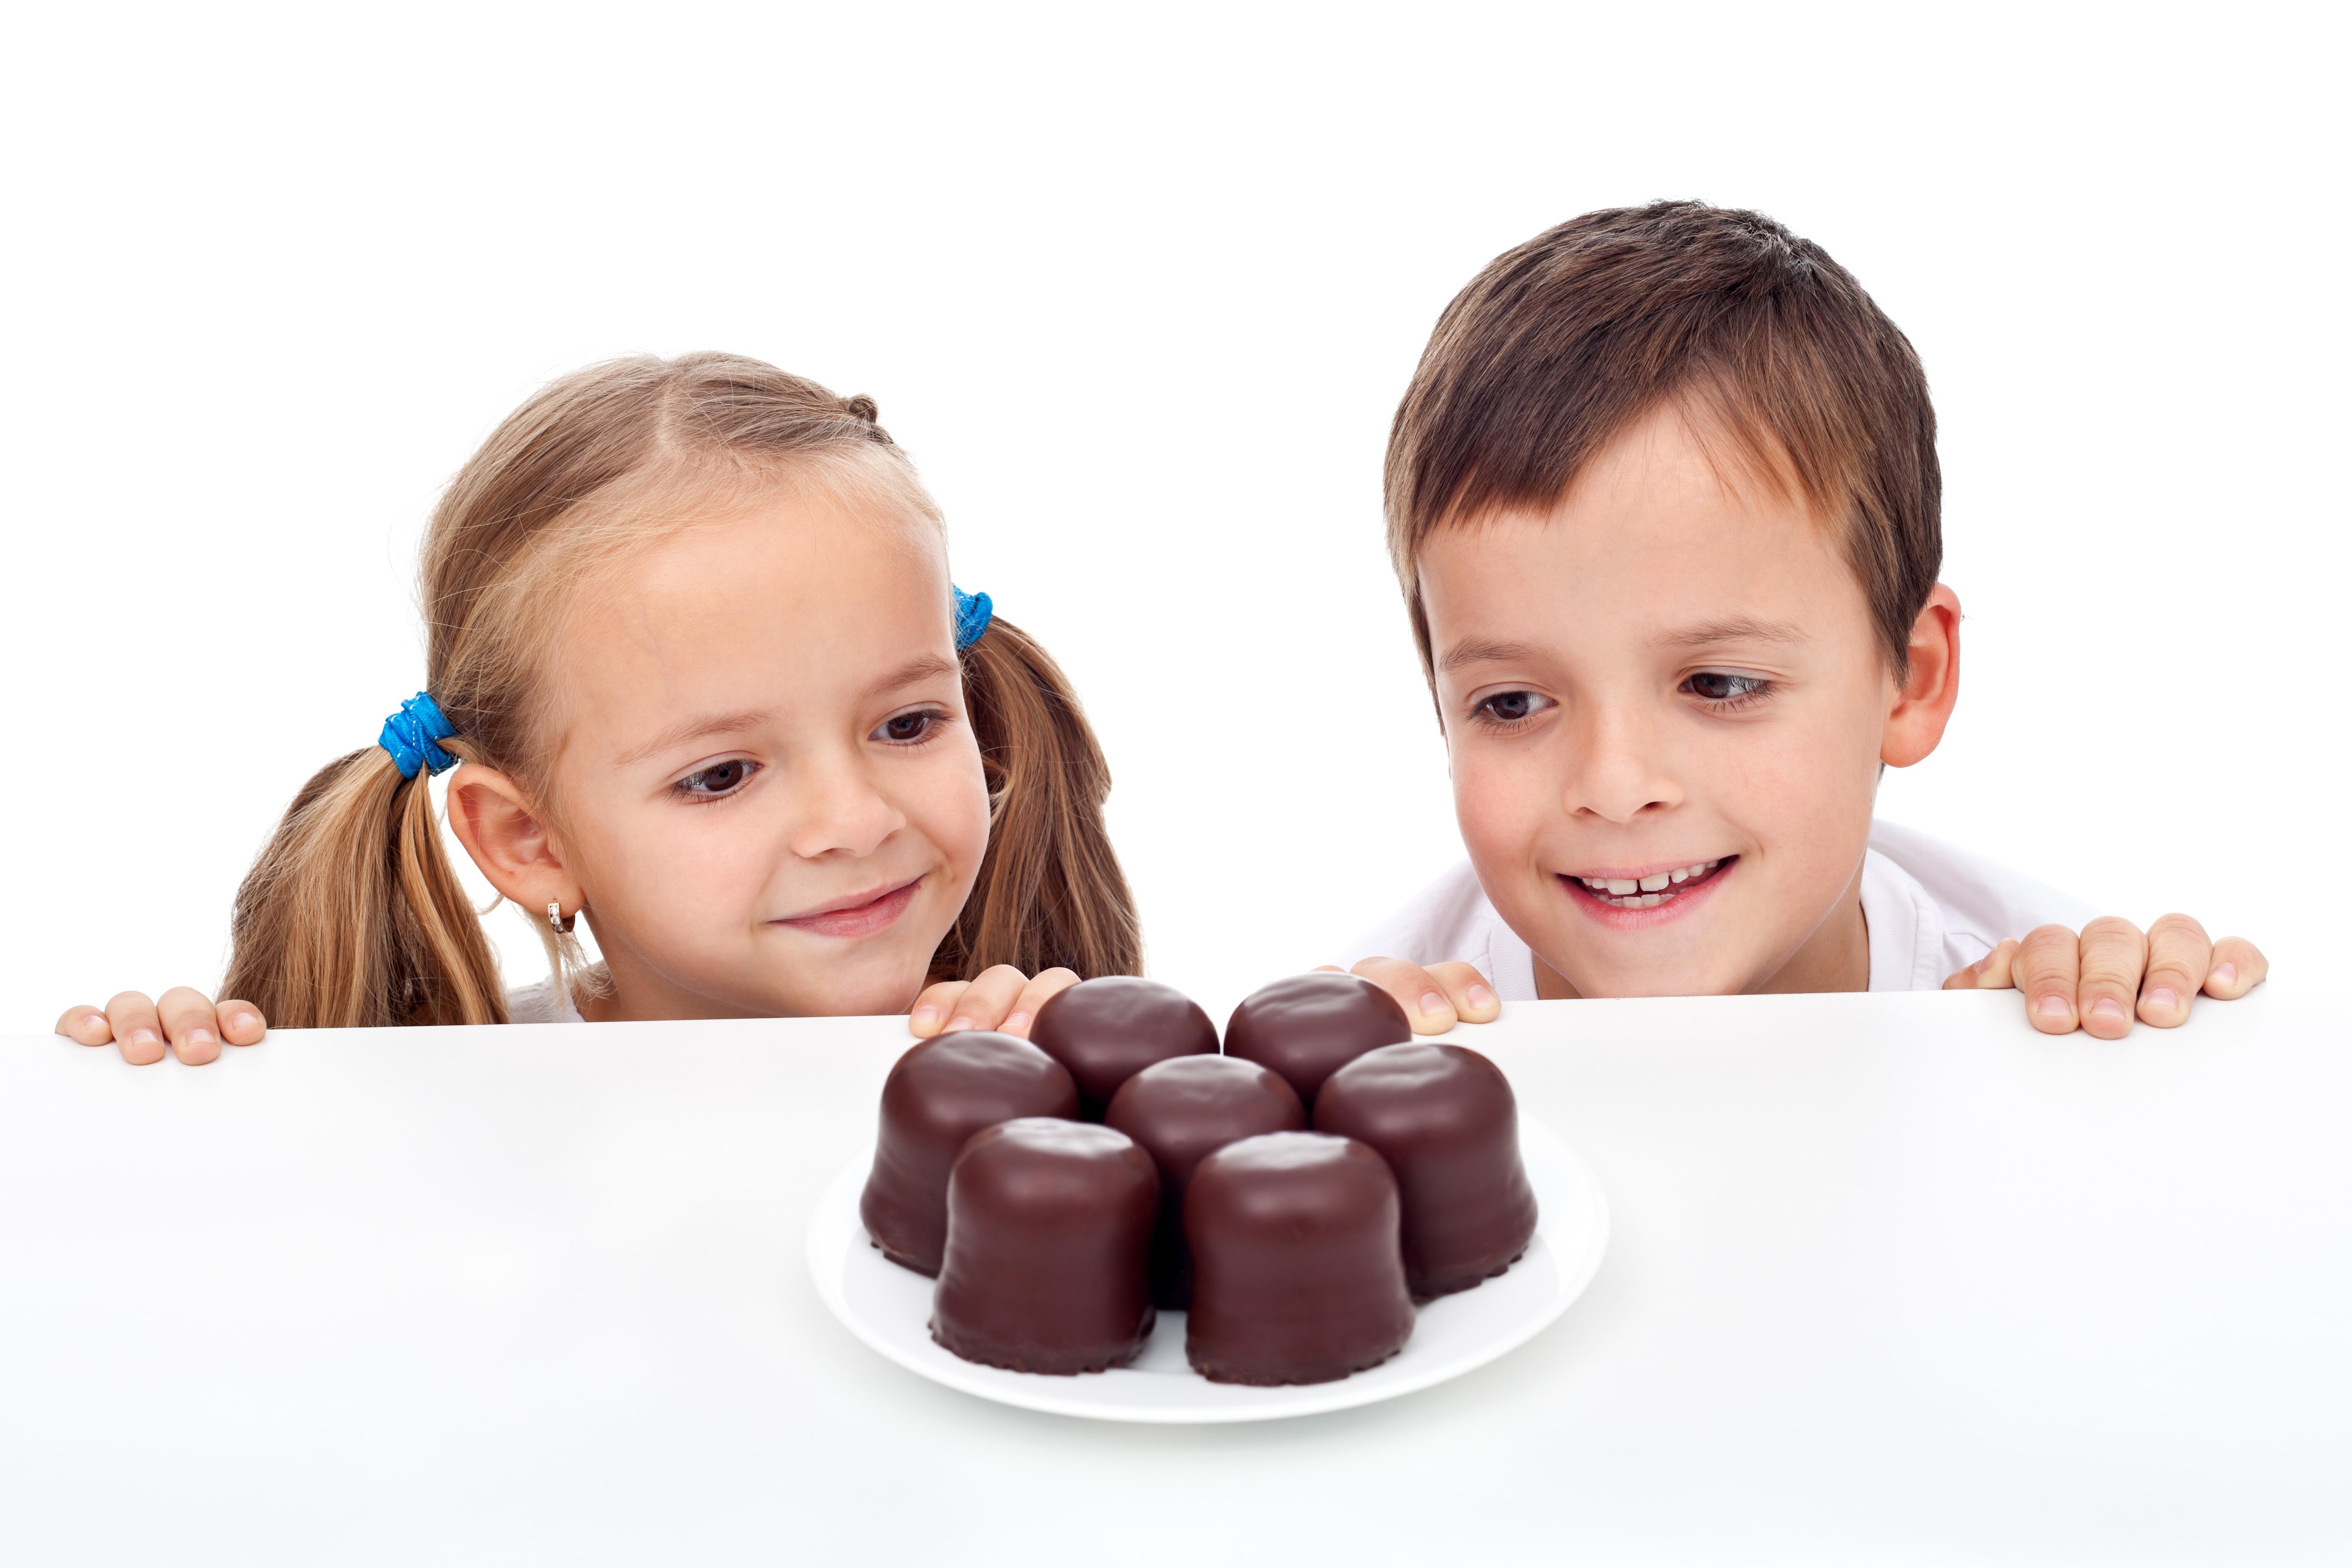 Kinderen, jongeren en hun ouders coachen naar een gezond eetpatroon en een gezonde leefstijl is een vak apart. Deze opleiding leert je wat werkt, voor zowel jou als je clienten.